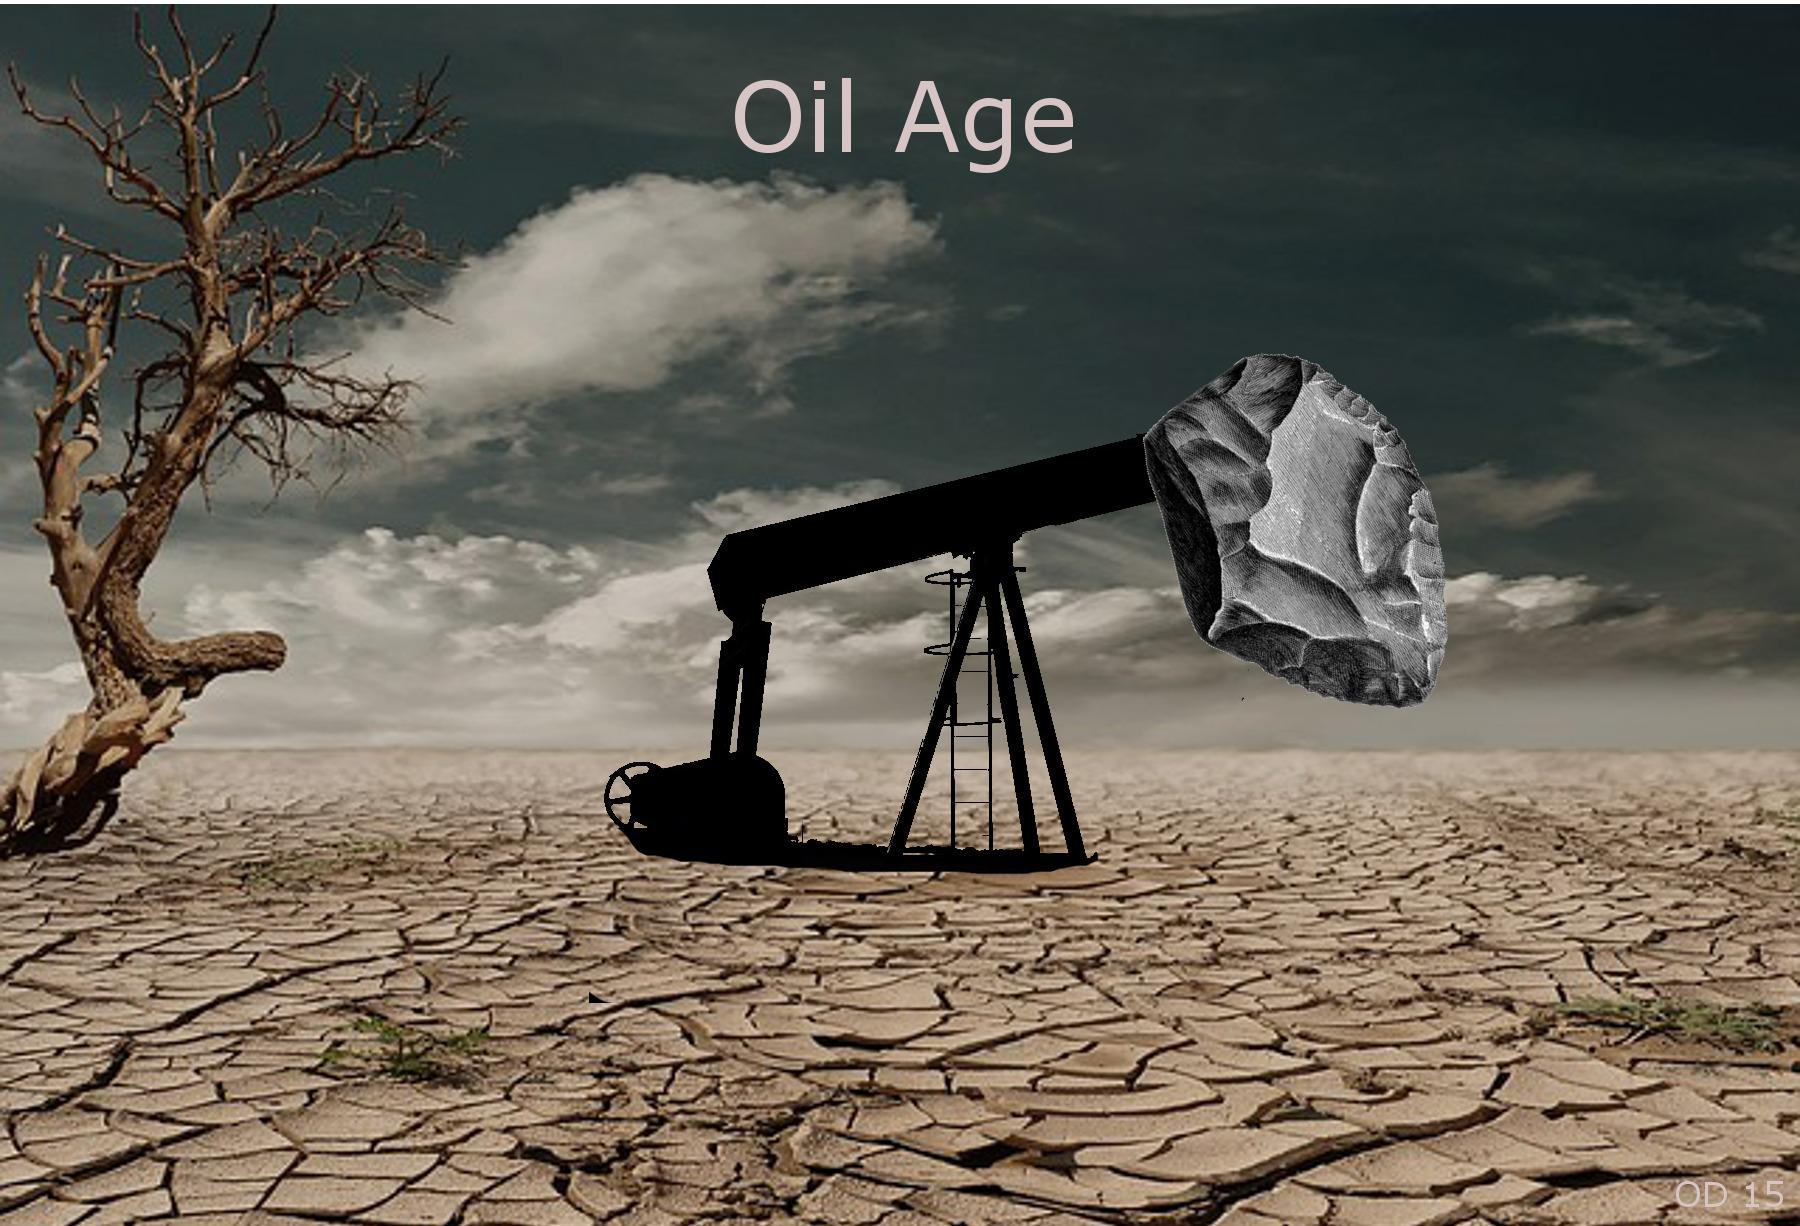 Oil Age